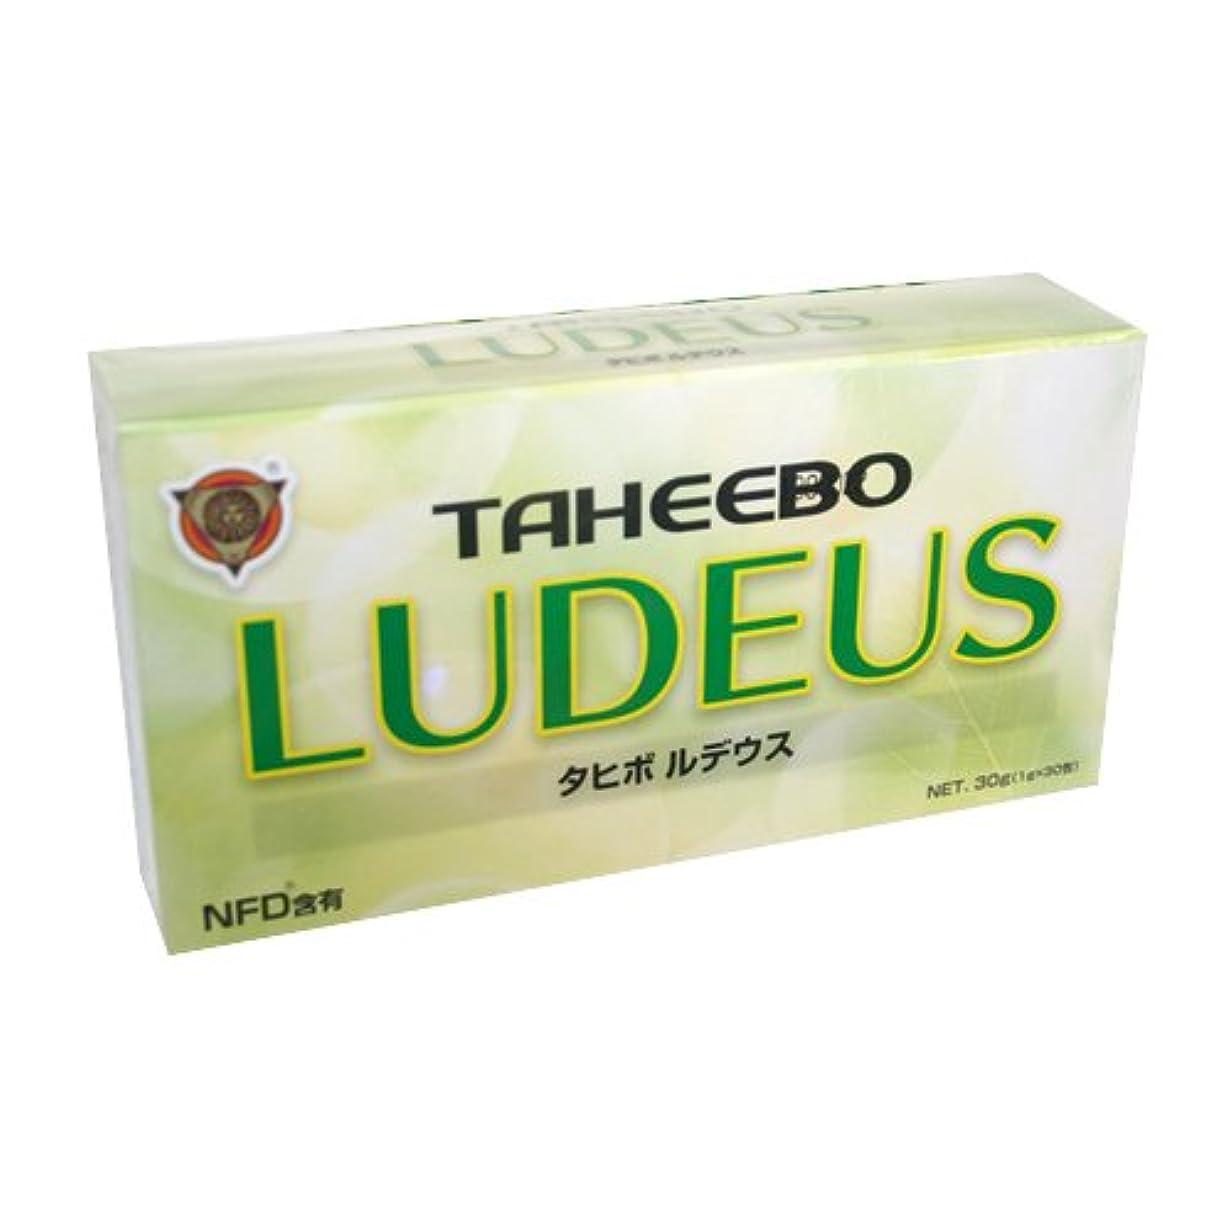 破滅的な影響する実験室タヒボNFD タヒボルデウス 30g(1g×30包)